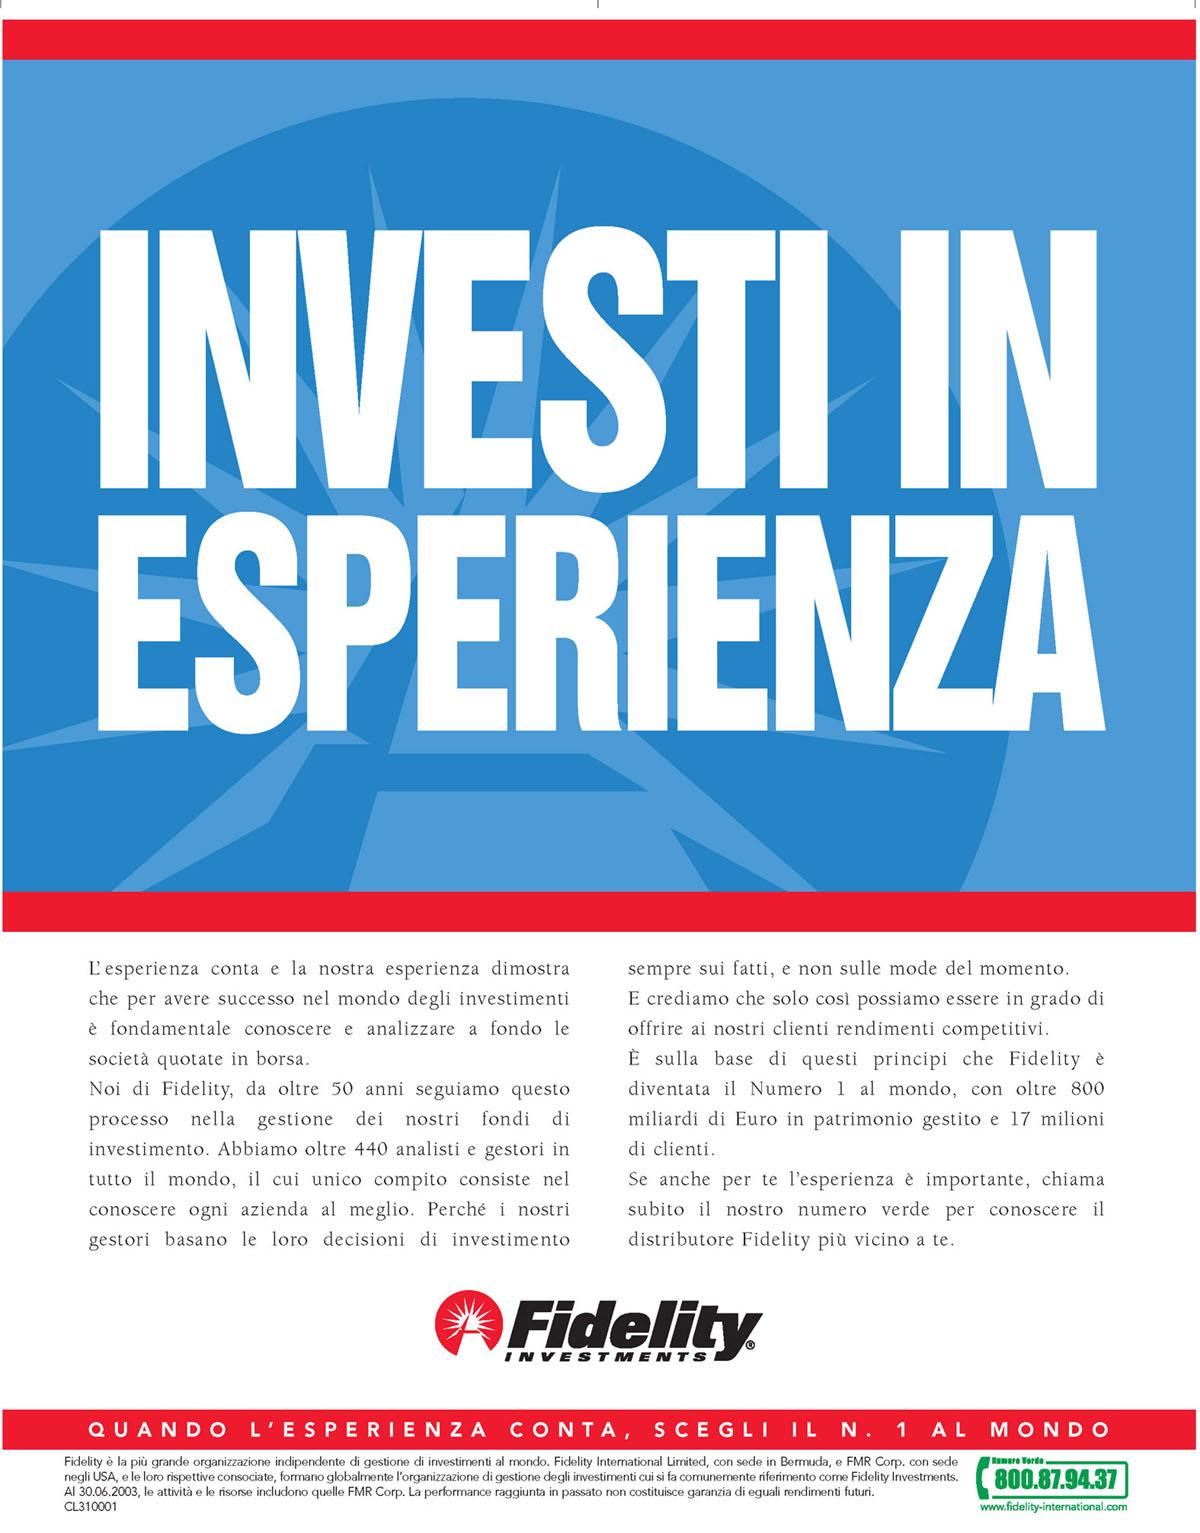 Fidelity vince  nel marketing e rinnova la pubblicita'